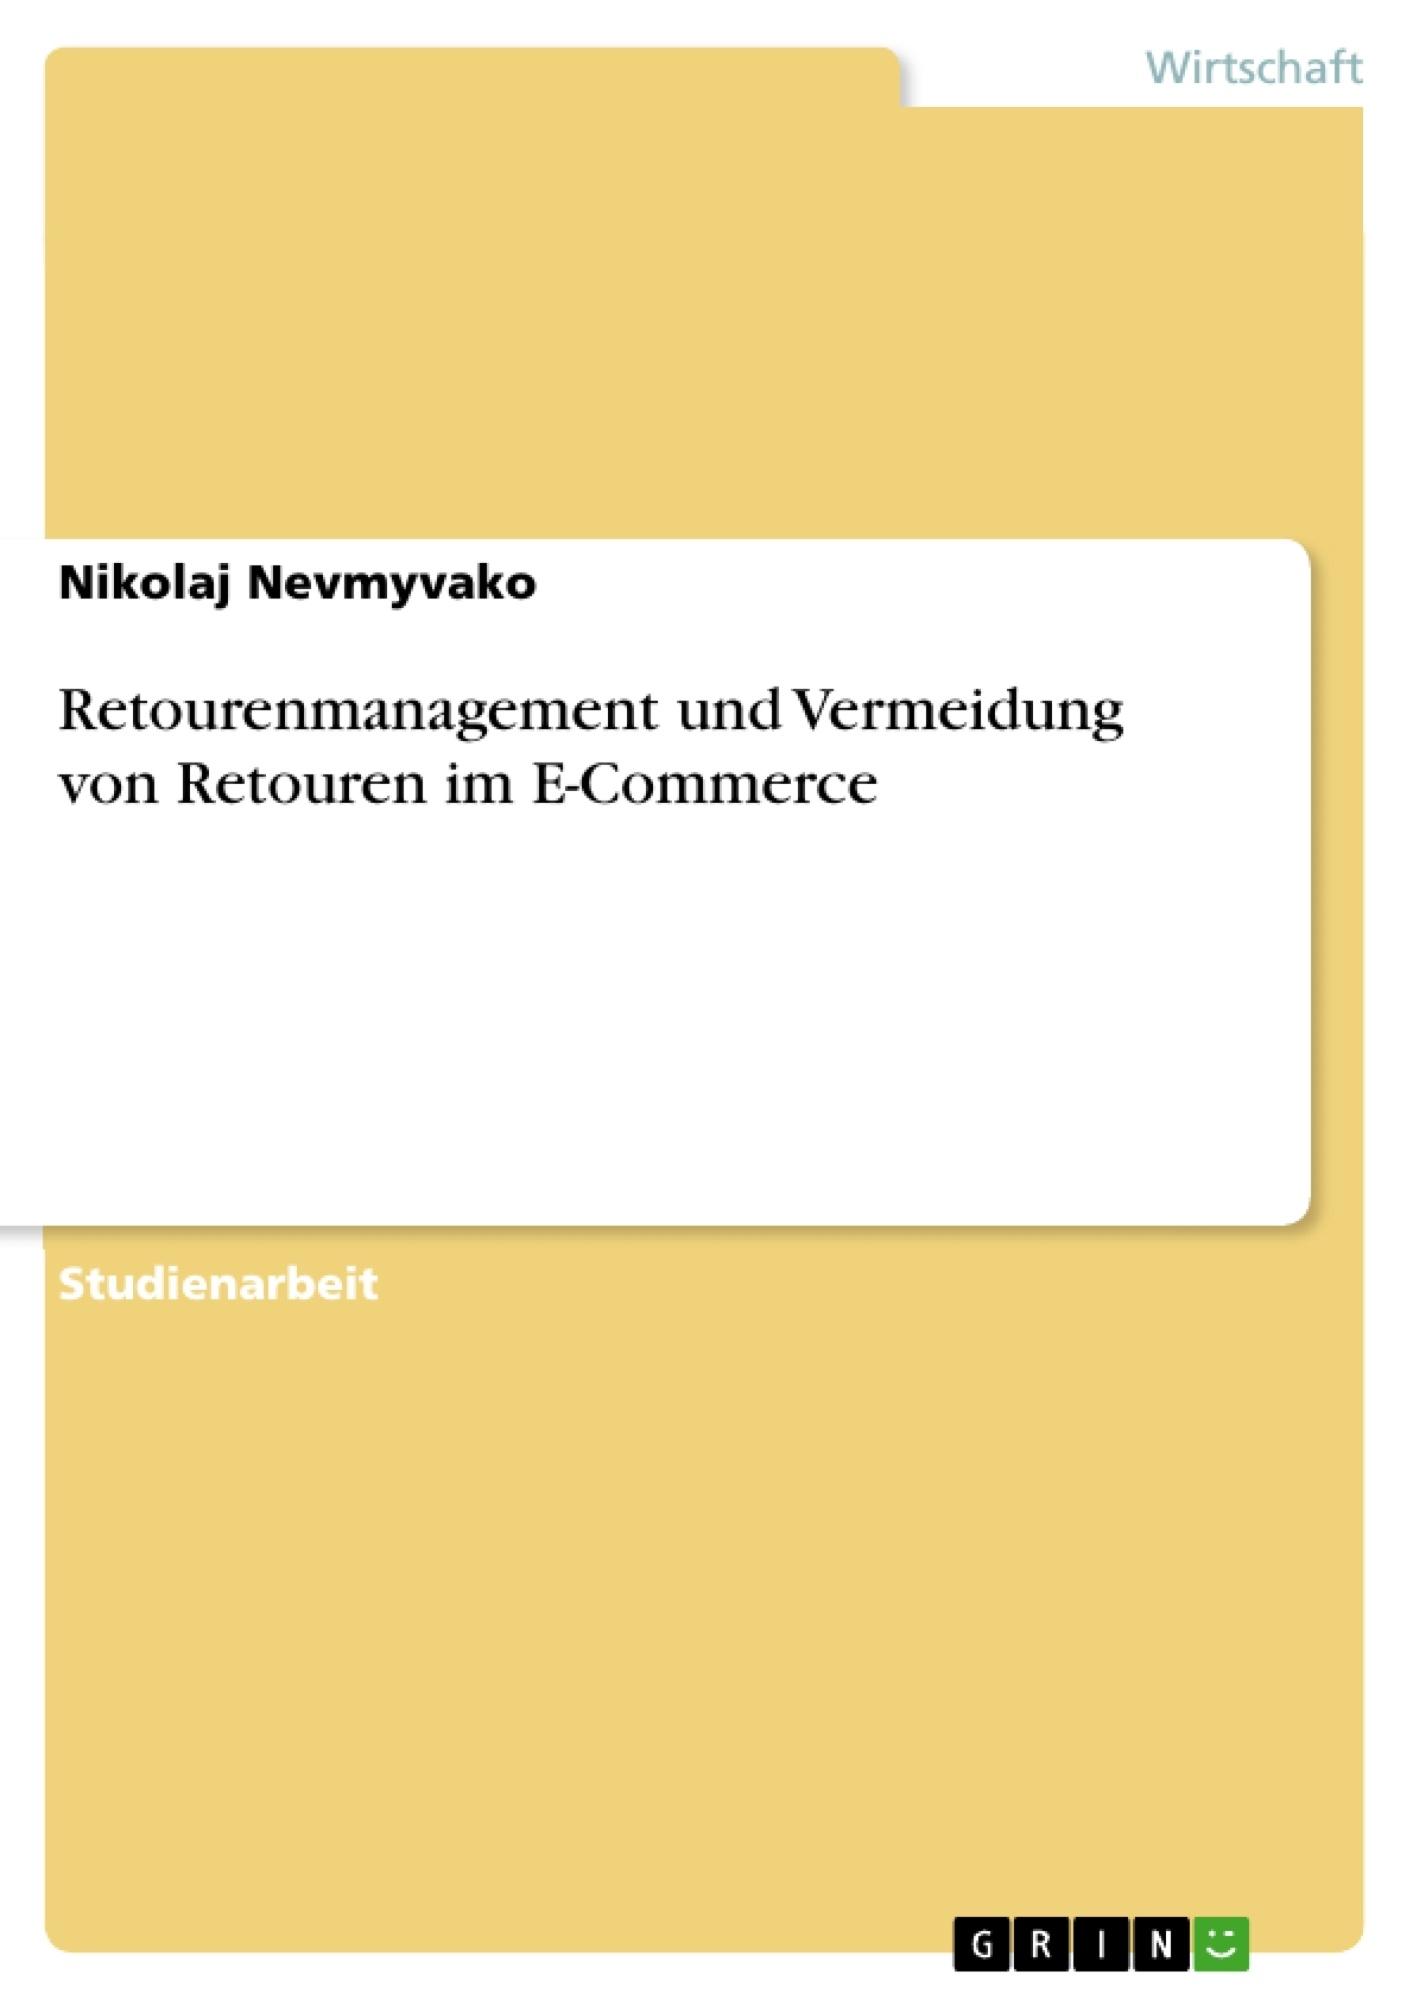 Titel: Retourenmanagement und Vermeidung von Retouren im E-Commerce